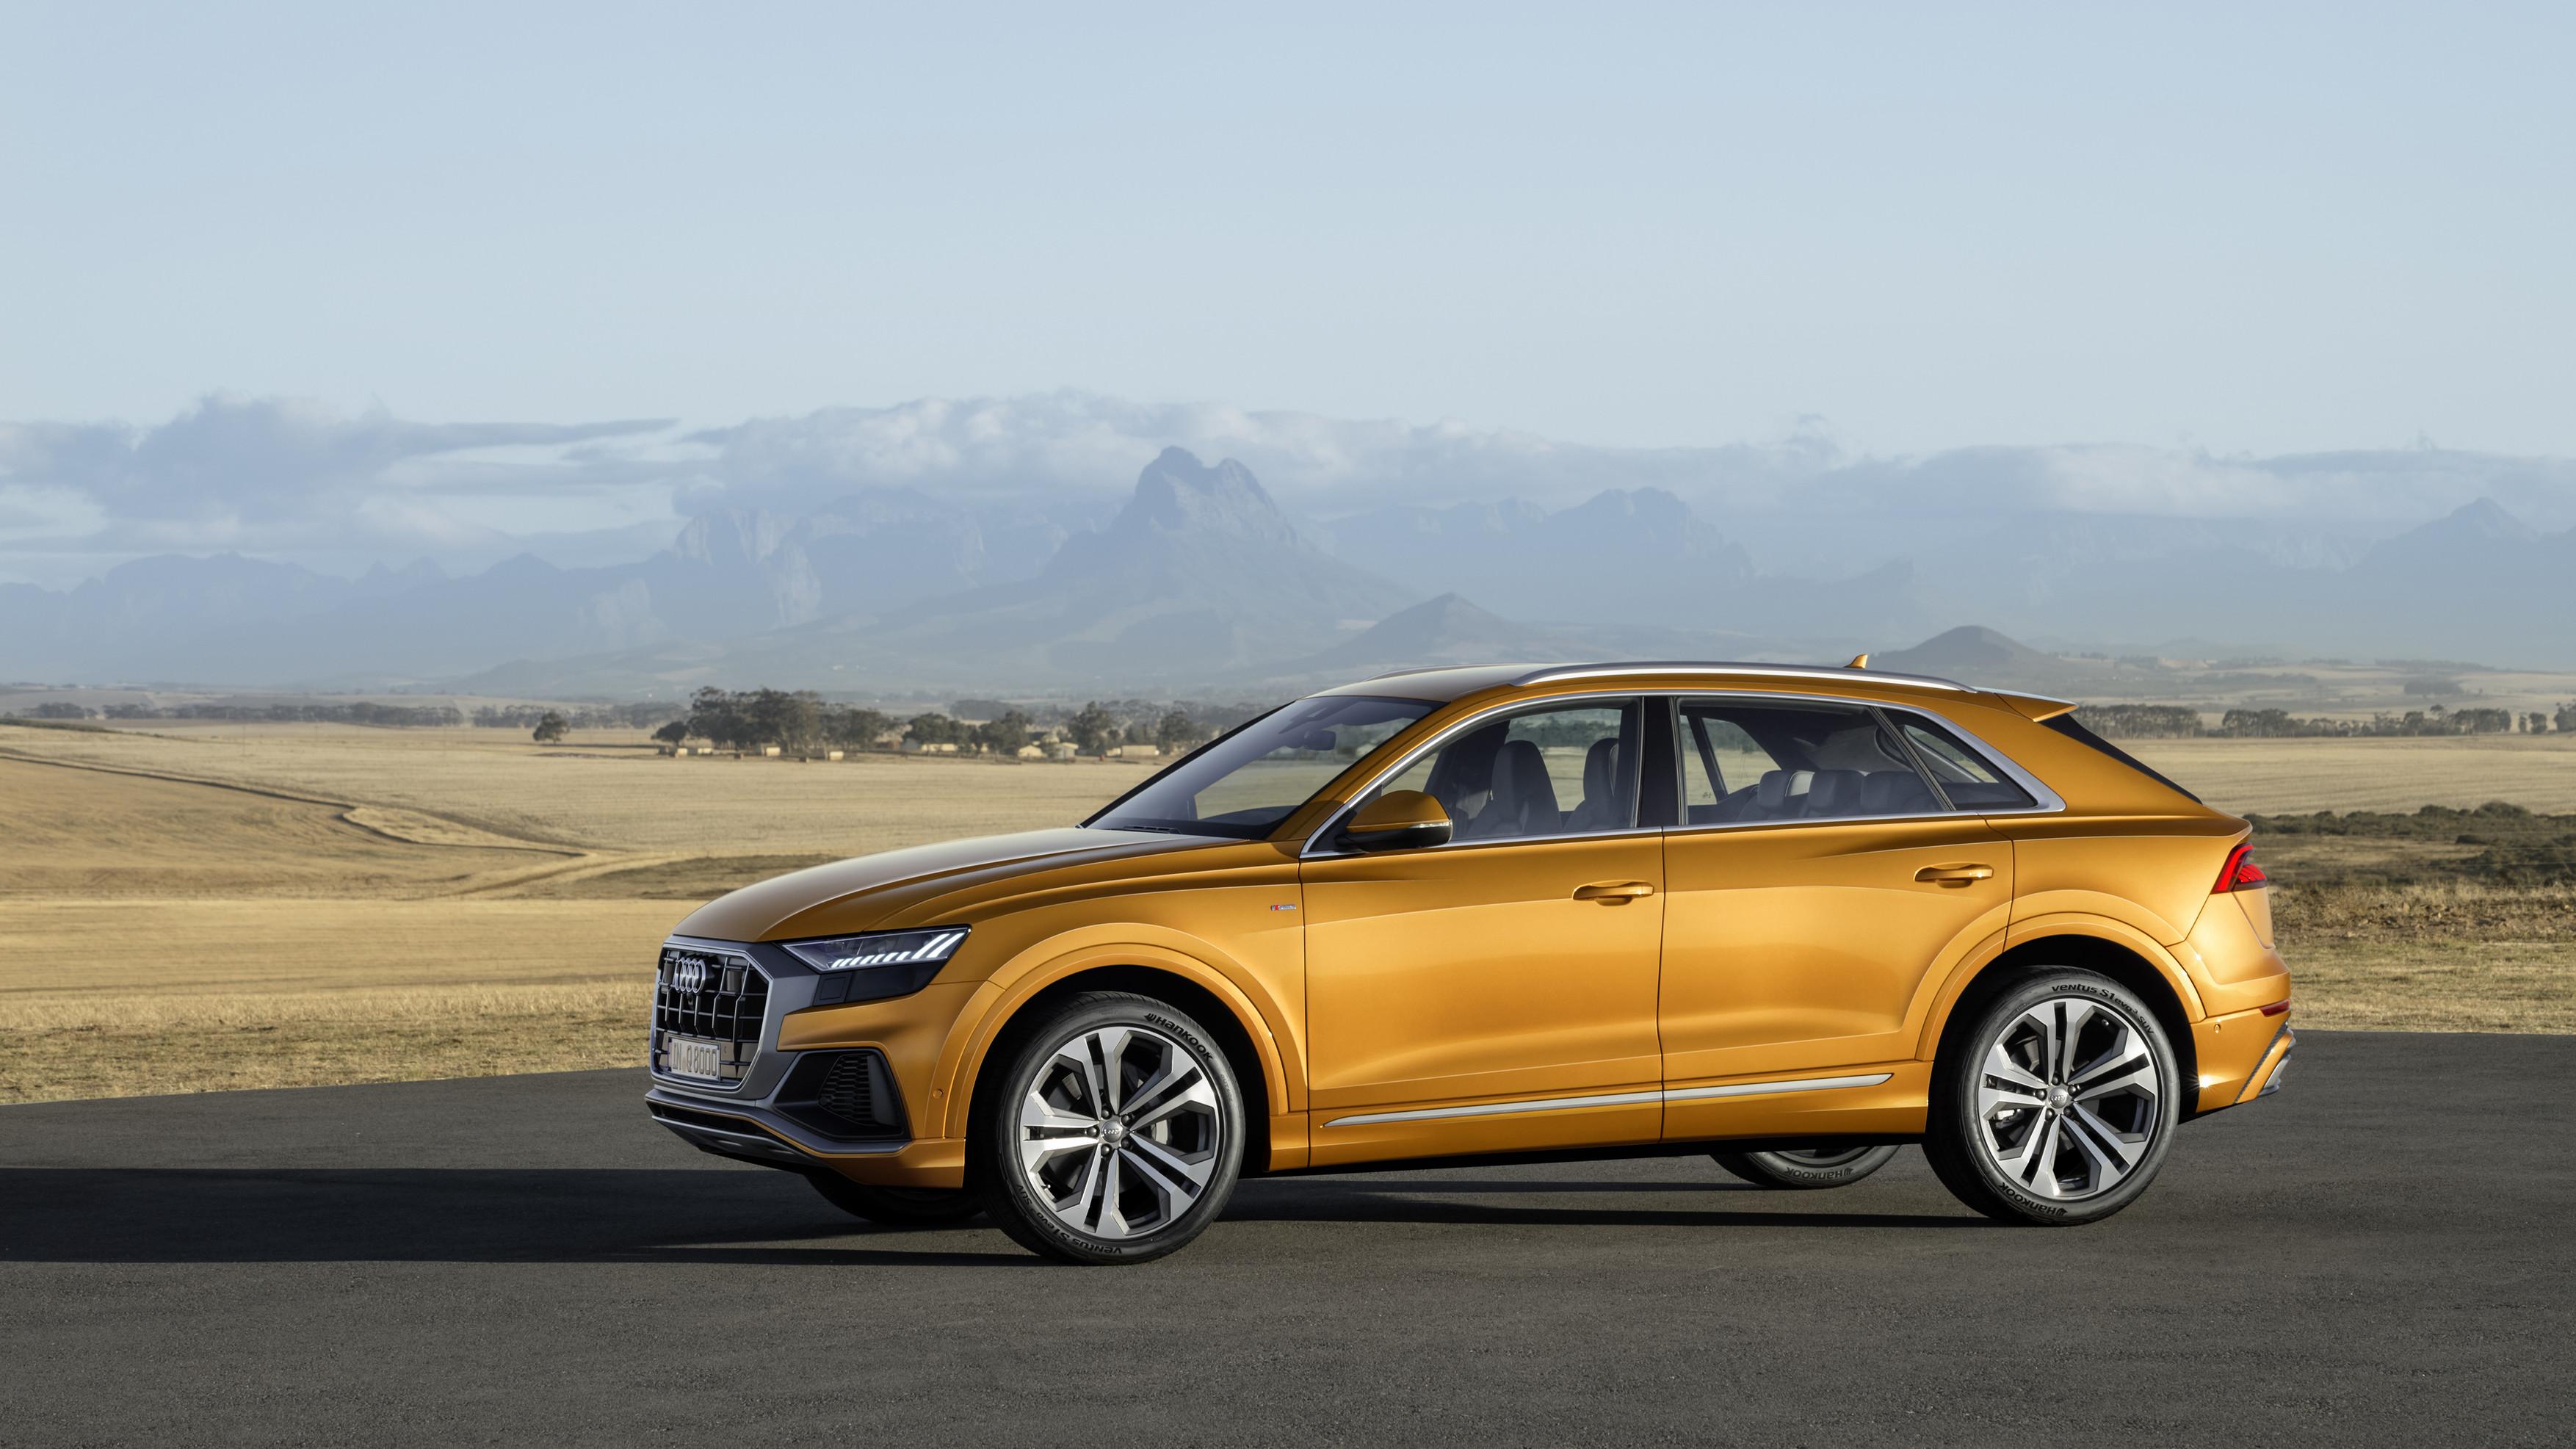 Kelebihan Kekurangan Audi Q8 Quattro Top Model Tahun Ini